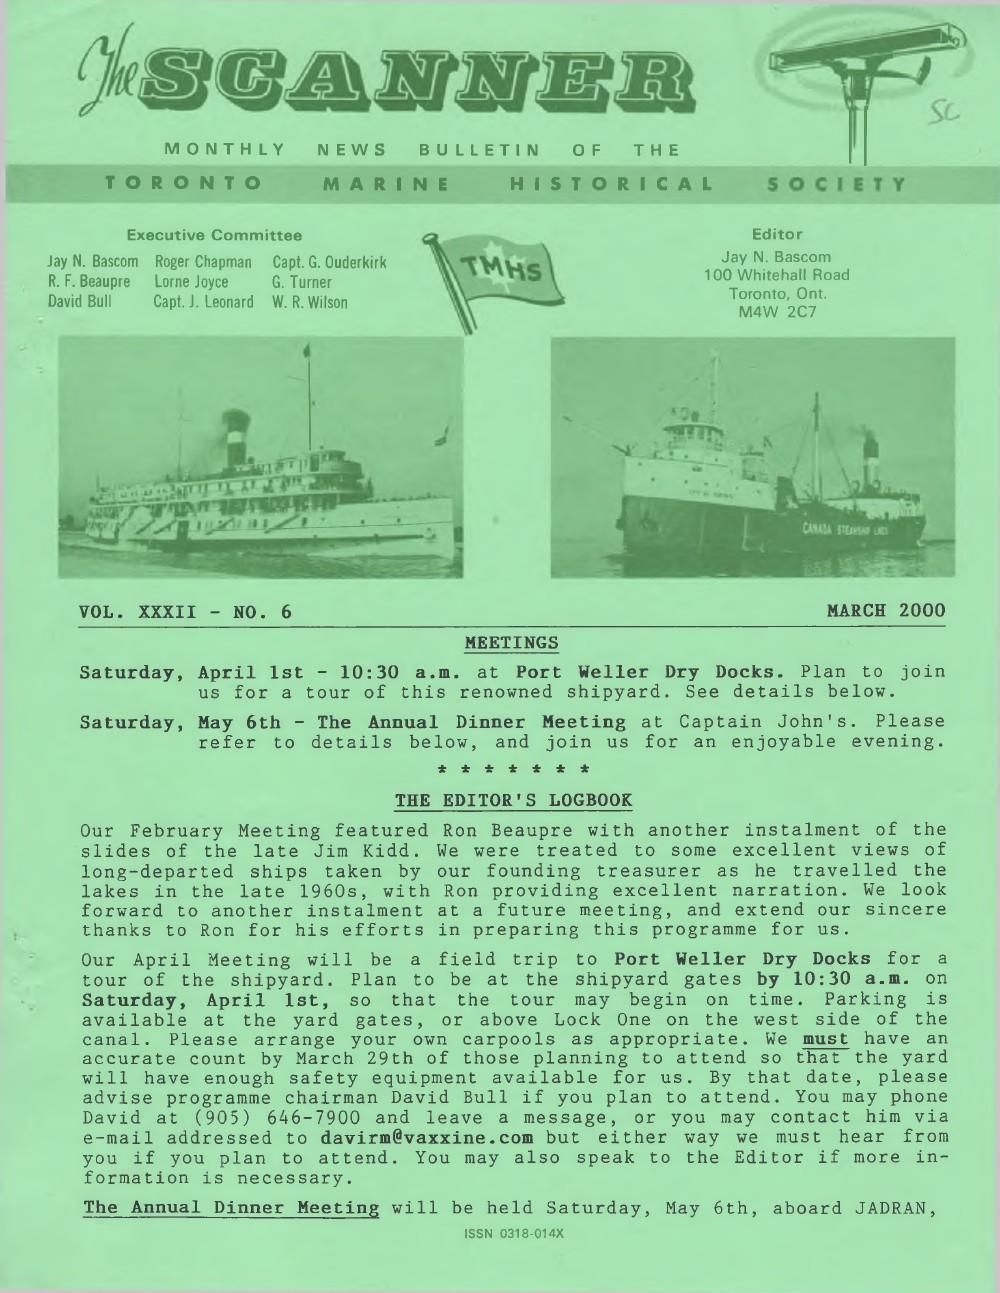 Scanner, v. 32, no. 6 (March 2000)